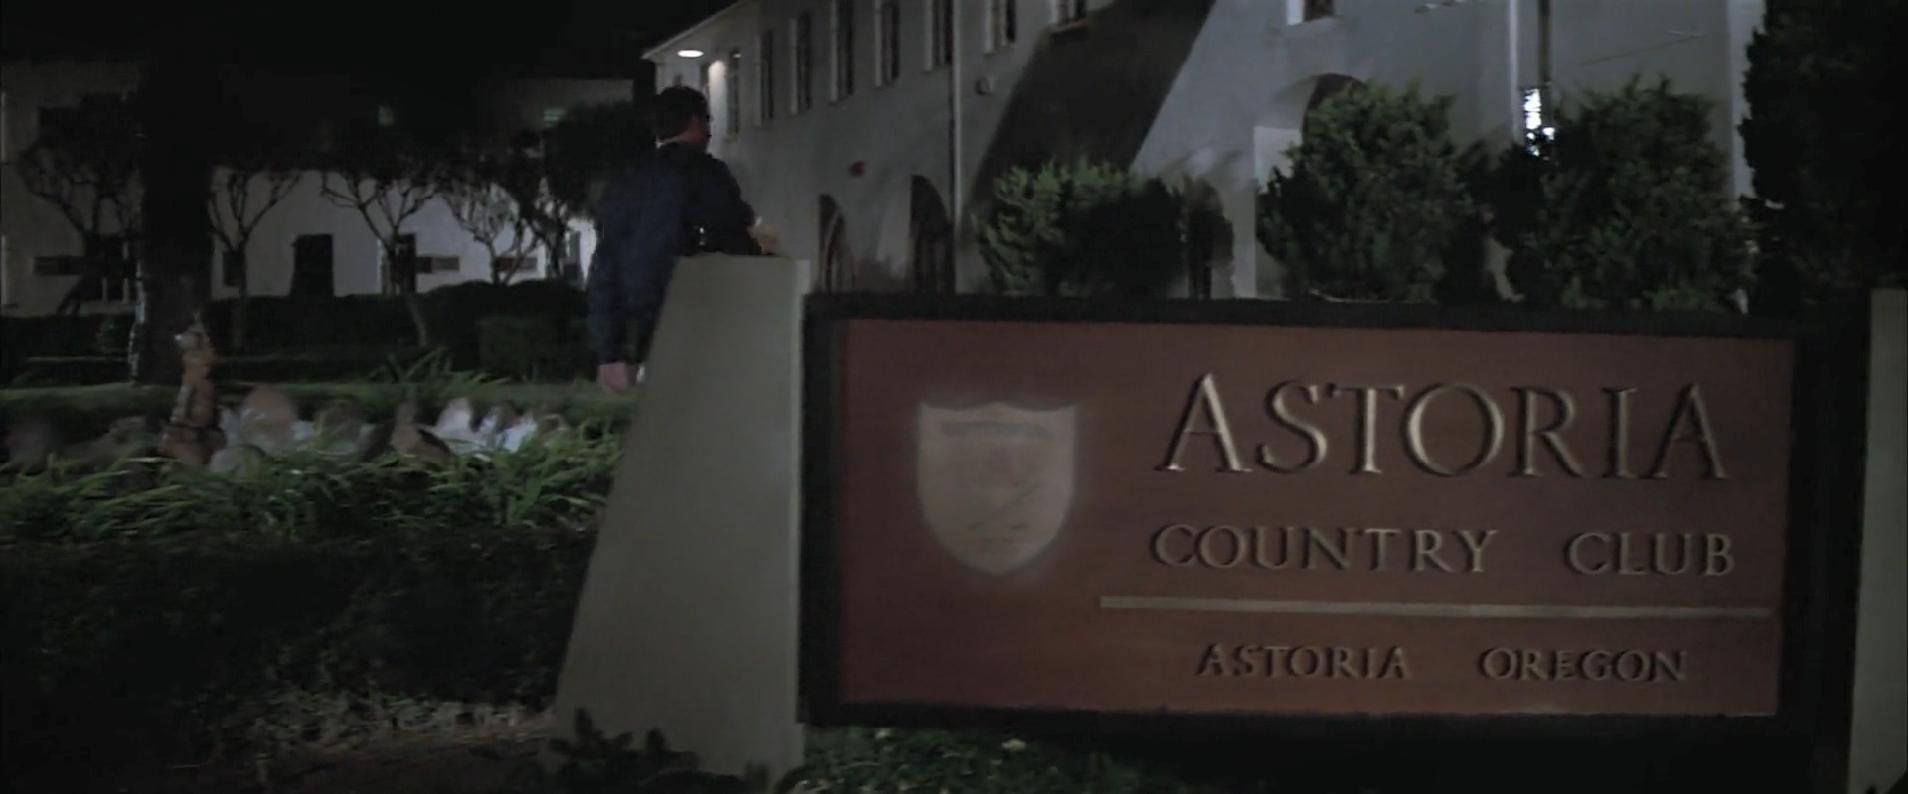 Astoria Country Club